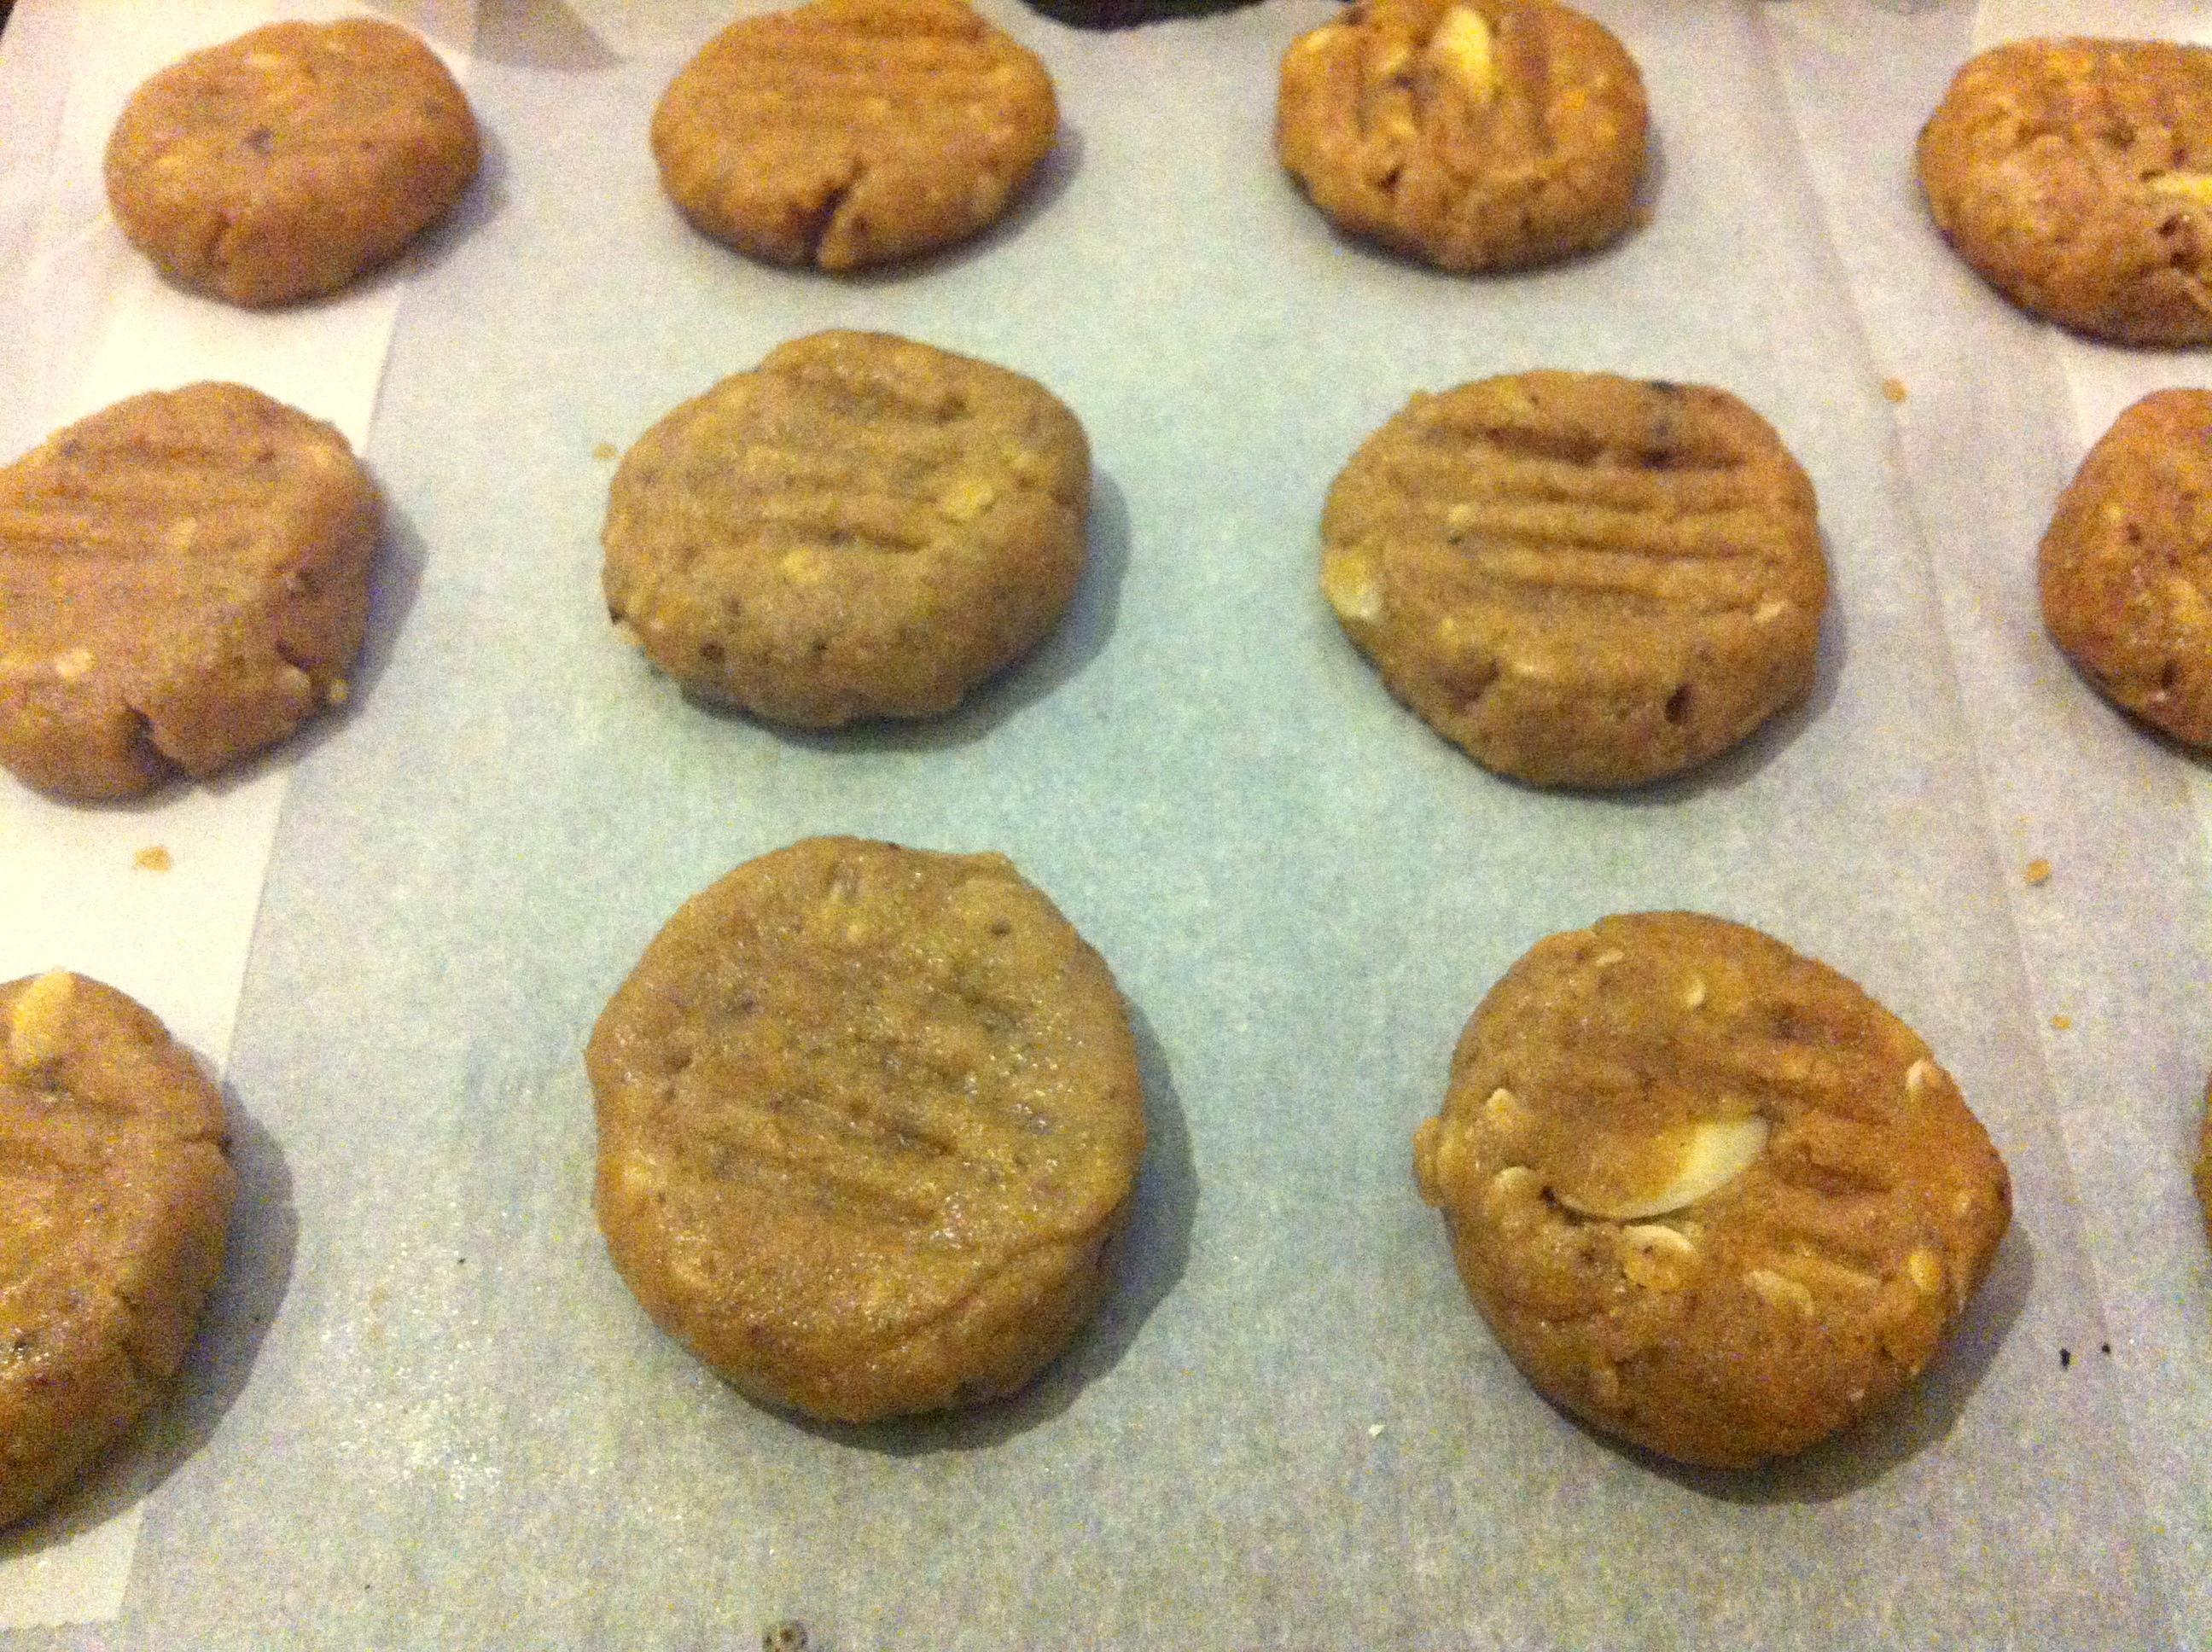 עוגיות טחינה טבעוניות מהאגדות מתכונים טבעוניים השוחטת הטבעונית יעלי שוחט 3